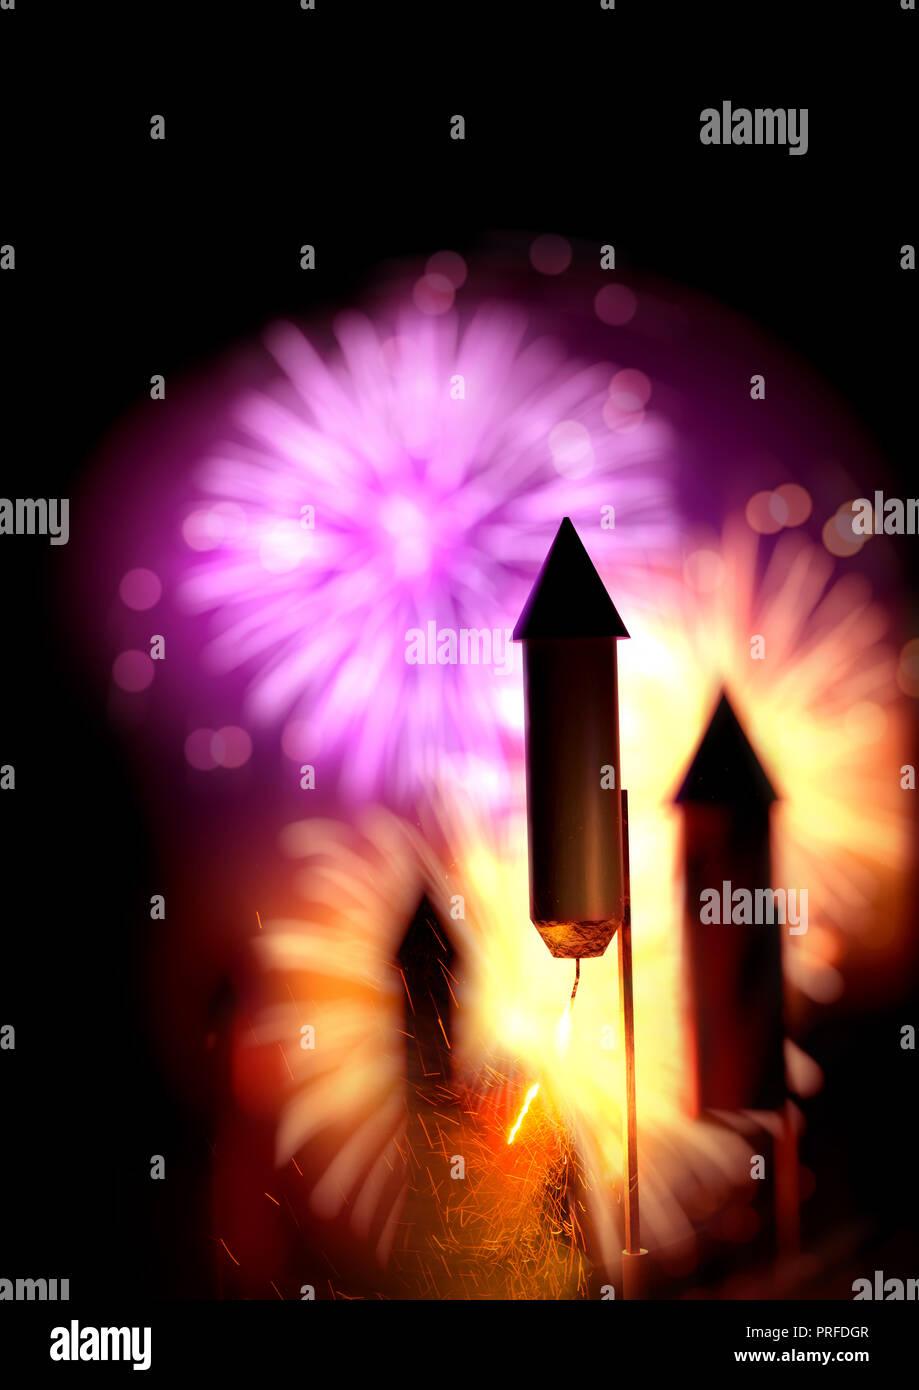 Cerrar imagen de cohetes con fuegos artificiales encendidos los fusibles y una pantalla grande en el fondo. Hoguera fondo nocturno - 3D ilustración. Foto de stock